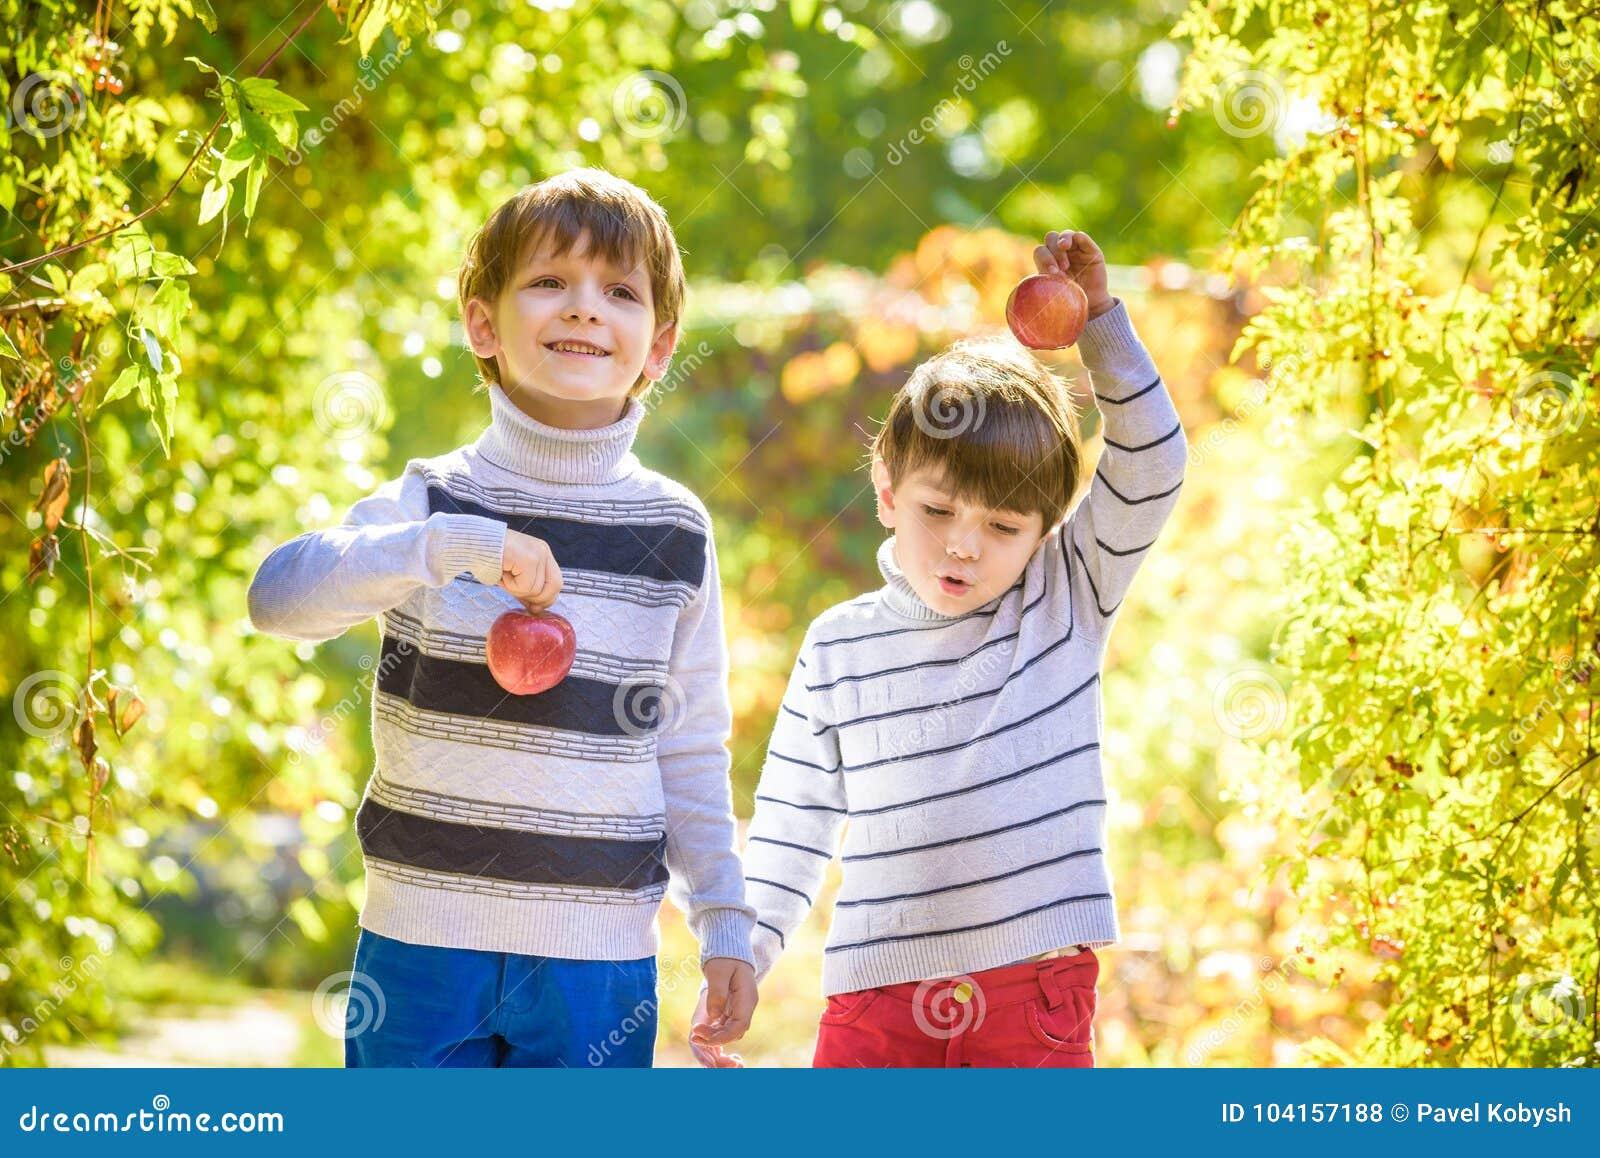 Divertimento da família durante o tempo de colheita em uma exploração agrícola Crianças que jogam no outono